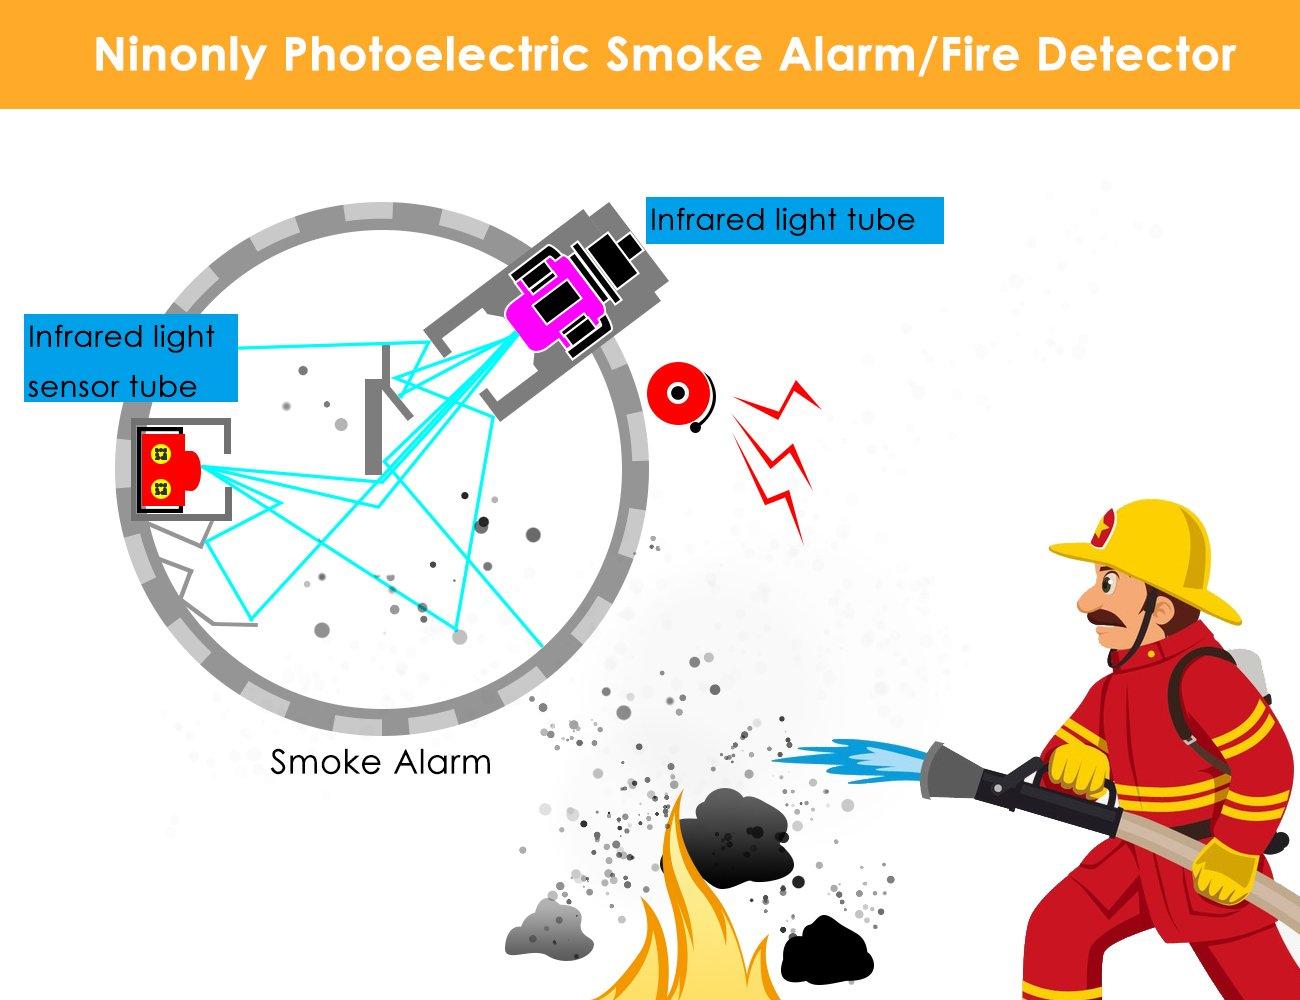 10 Jahre Lithium Batterie Brandmelder VDs//PAHS Zertifiziert Feuermelder mit Hush-Modus /& Testmodus HM-626PHS Ninonly Photoelektrischer Rauchmelder